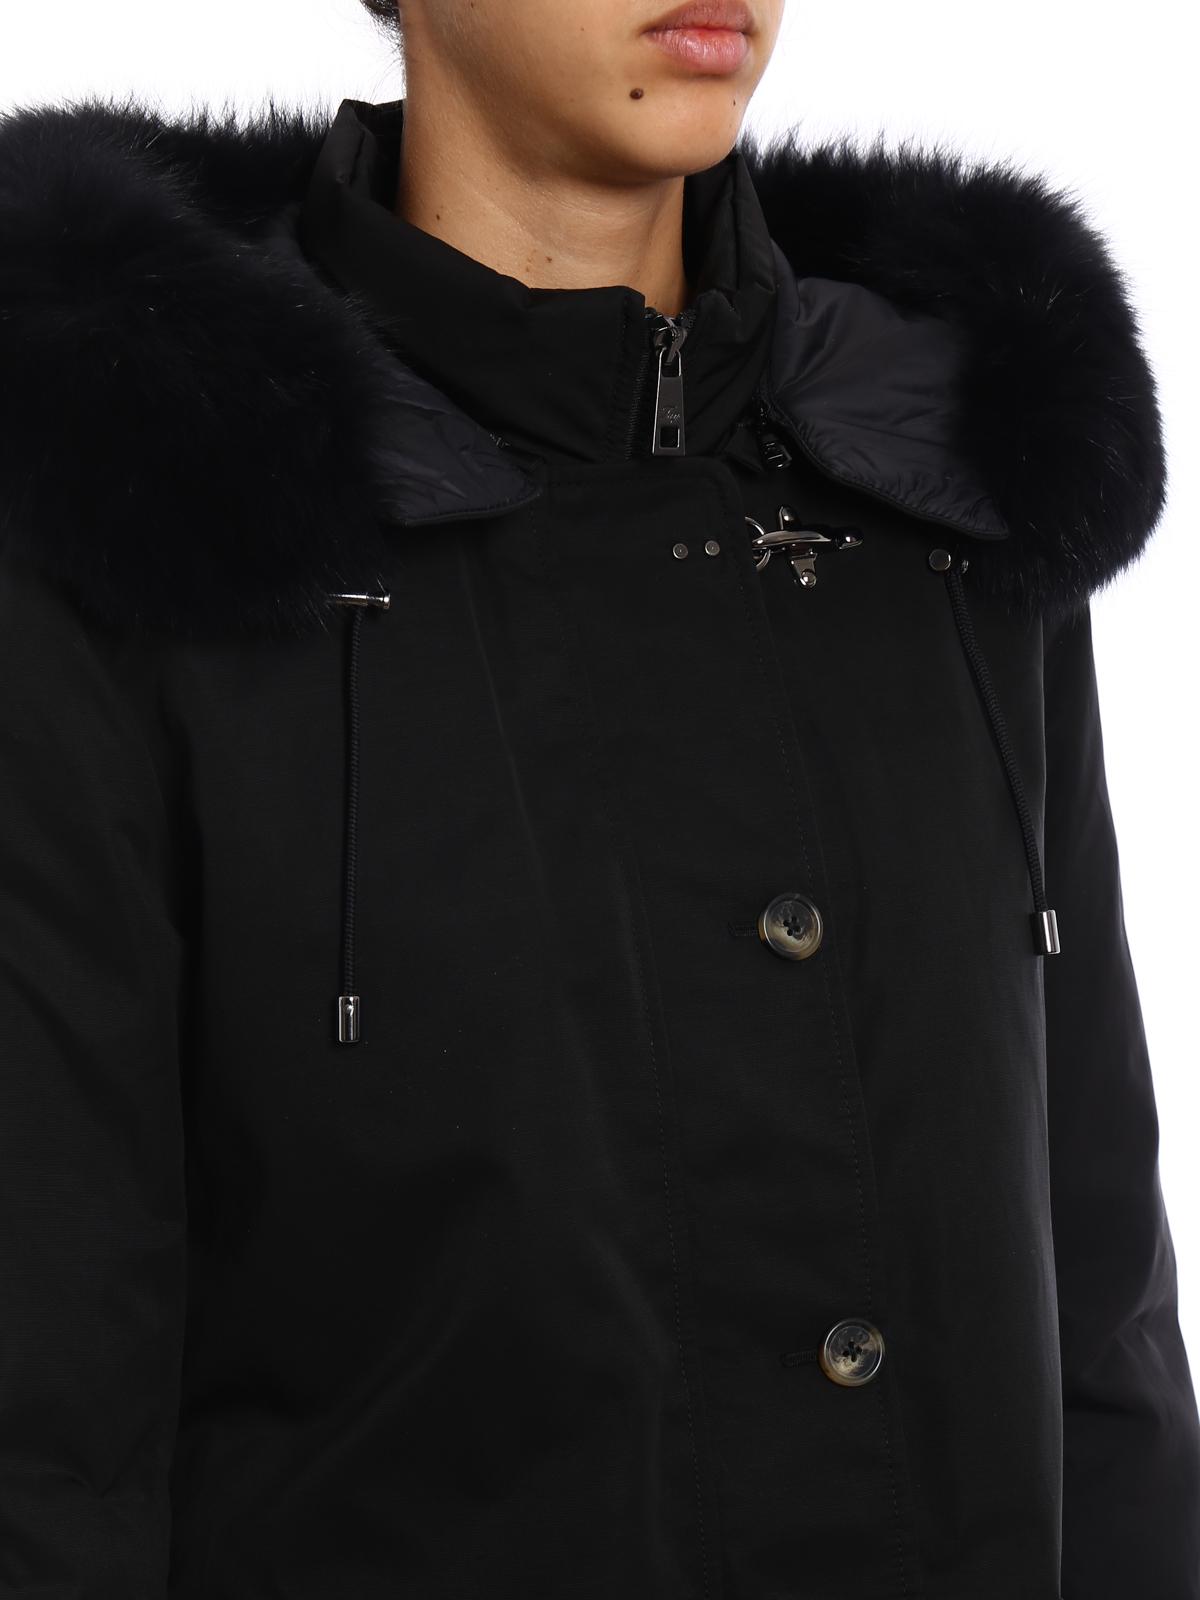 detailed look 4dac6 9f2be Fay - Parka nero imbottito con pelliccia - cappotti ...